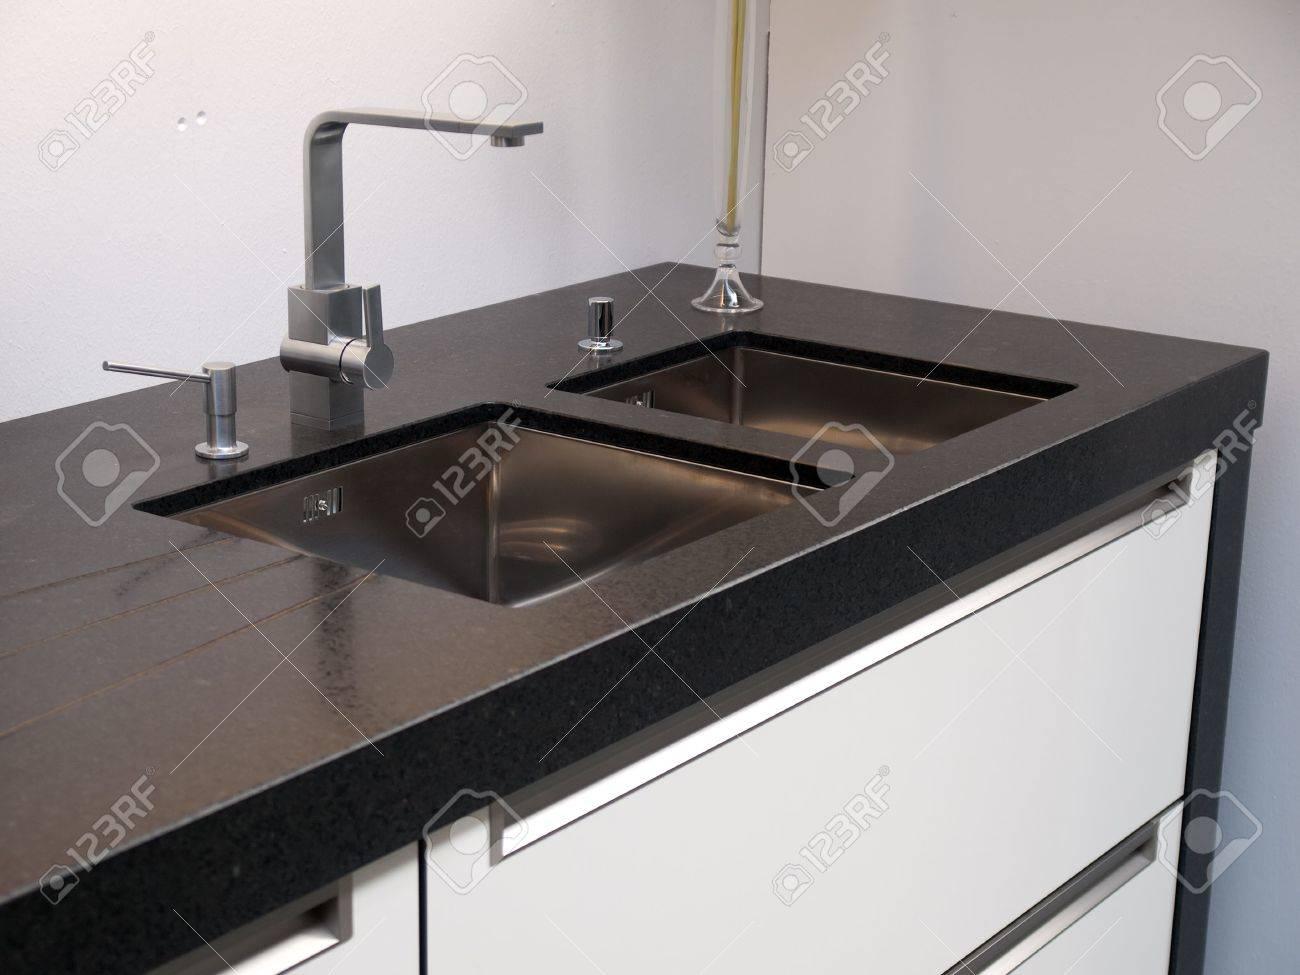 Full Size of Waschbecken Küche Trendige Kche Mit Gardinen Für Unterschränke Einbauküche Nobilia Miniküche Kühlschrank Spielküche Was Kostet Eine Neue Wohnzimmer Waschbecken Küche